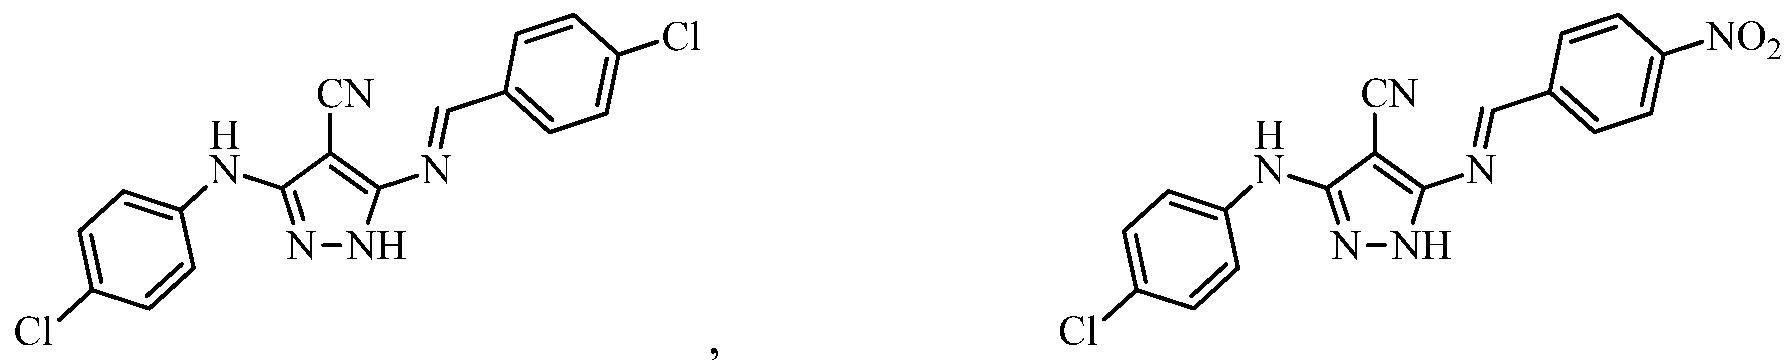 Figure imgf000163_0005